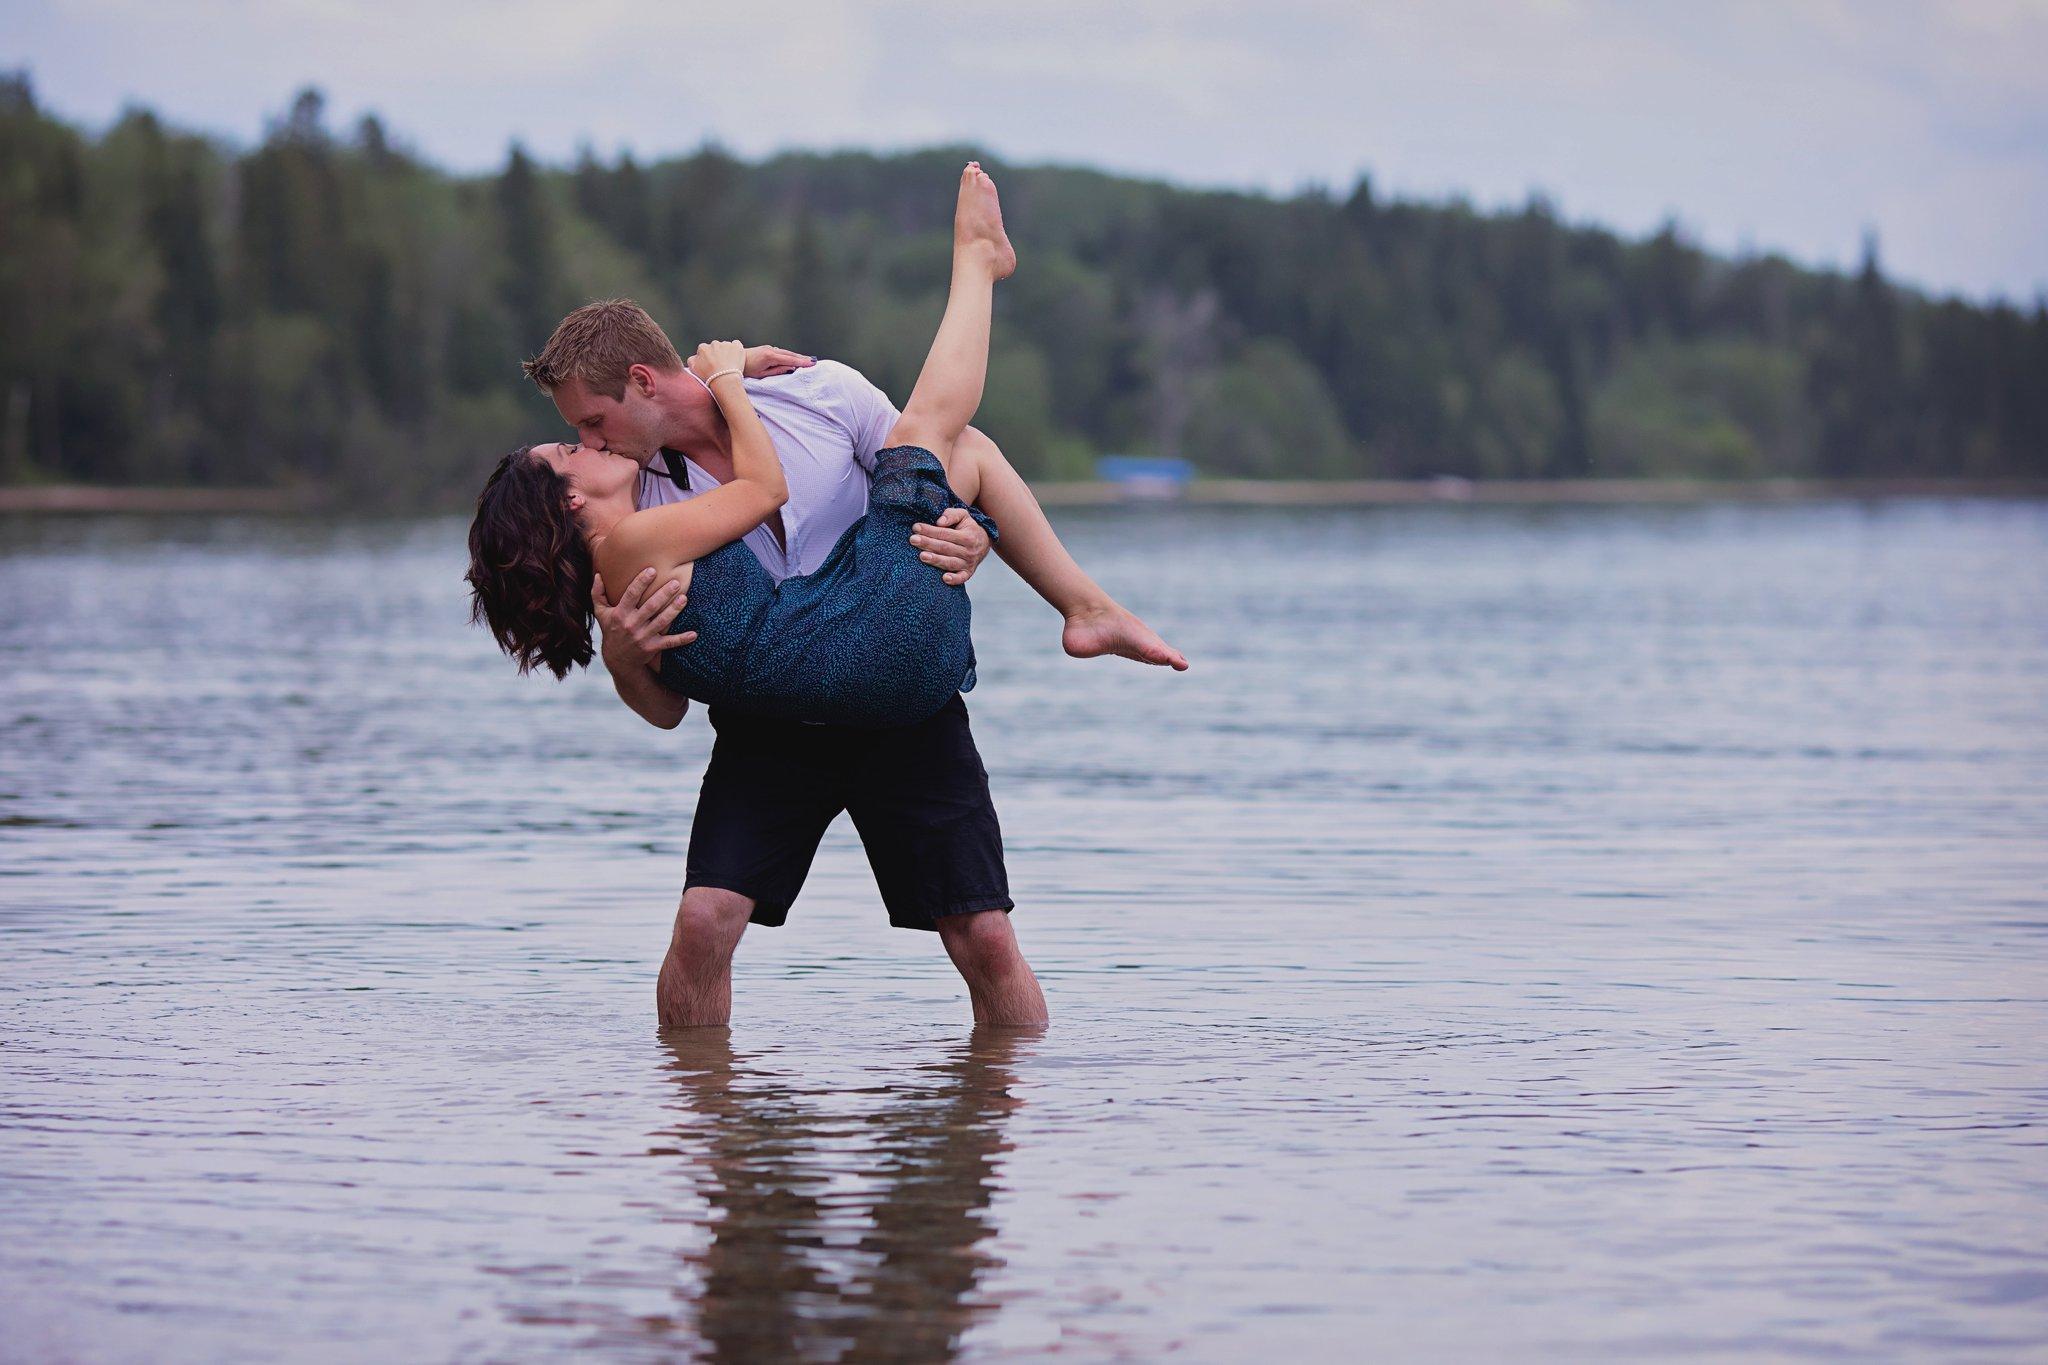 romantic dip in the water